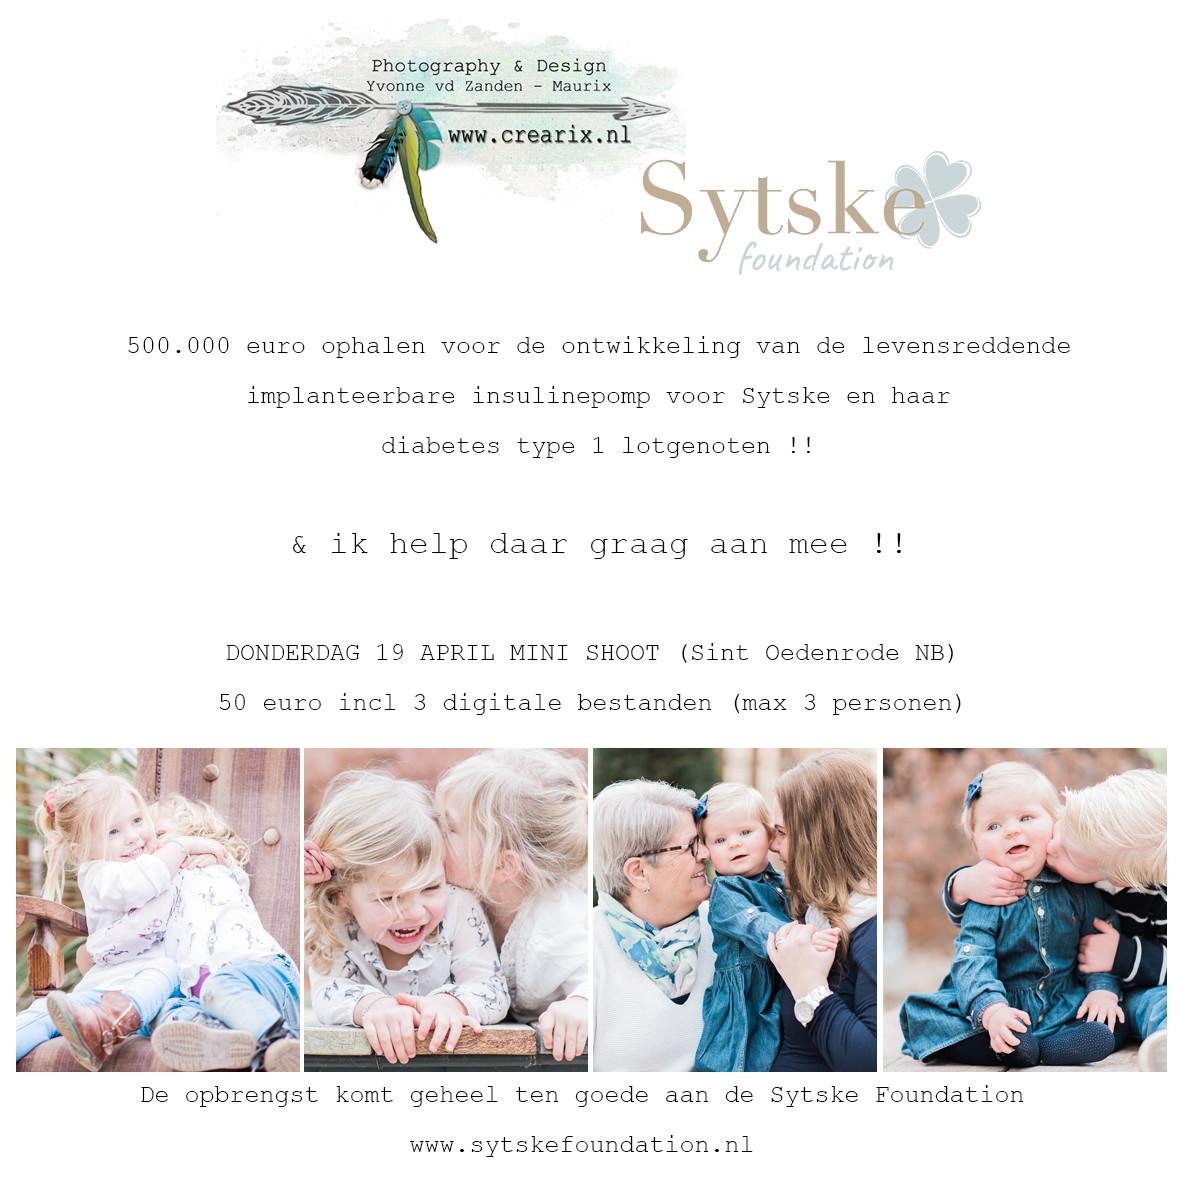 Fotoshoot Crearix for Sytske